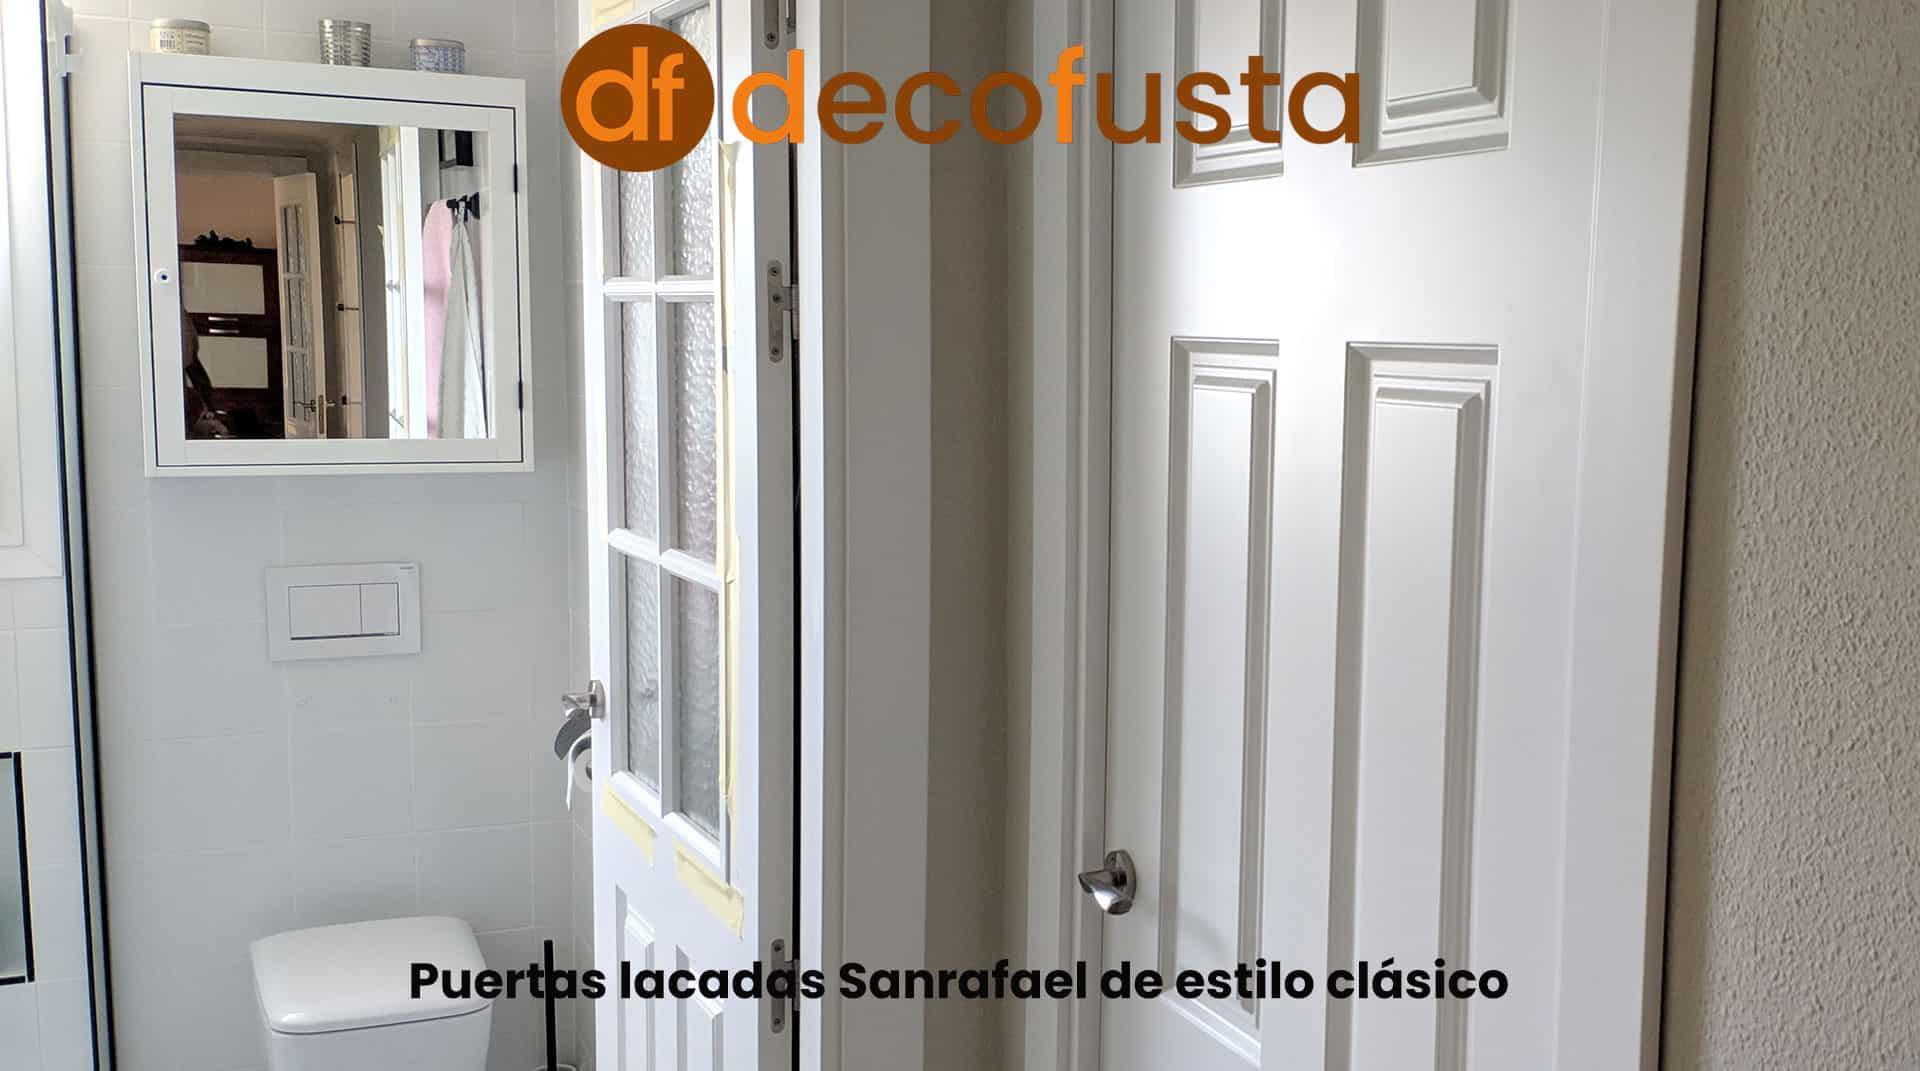 Puertas lacadas Sanrafael de estilo clásico